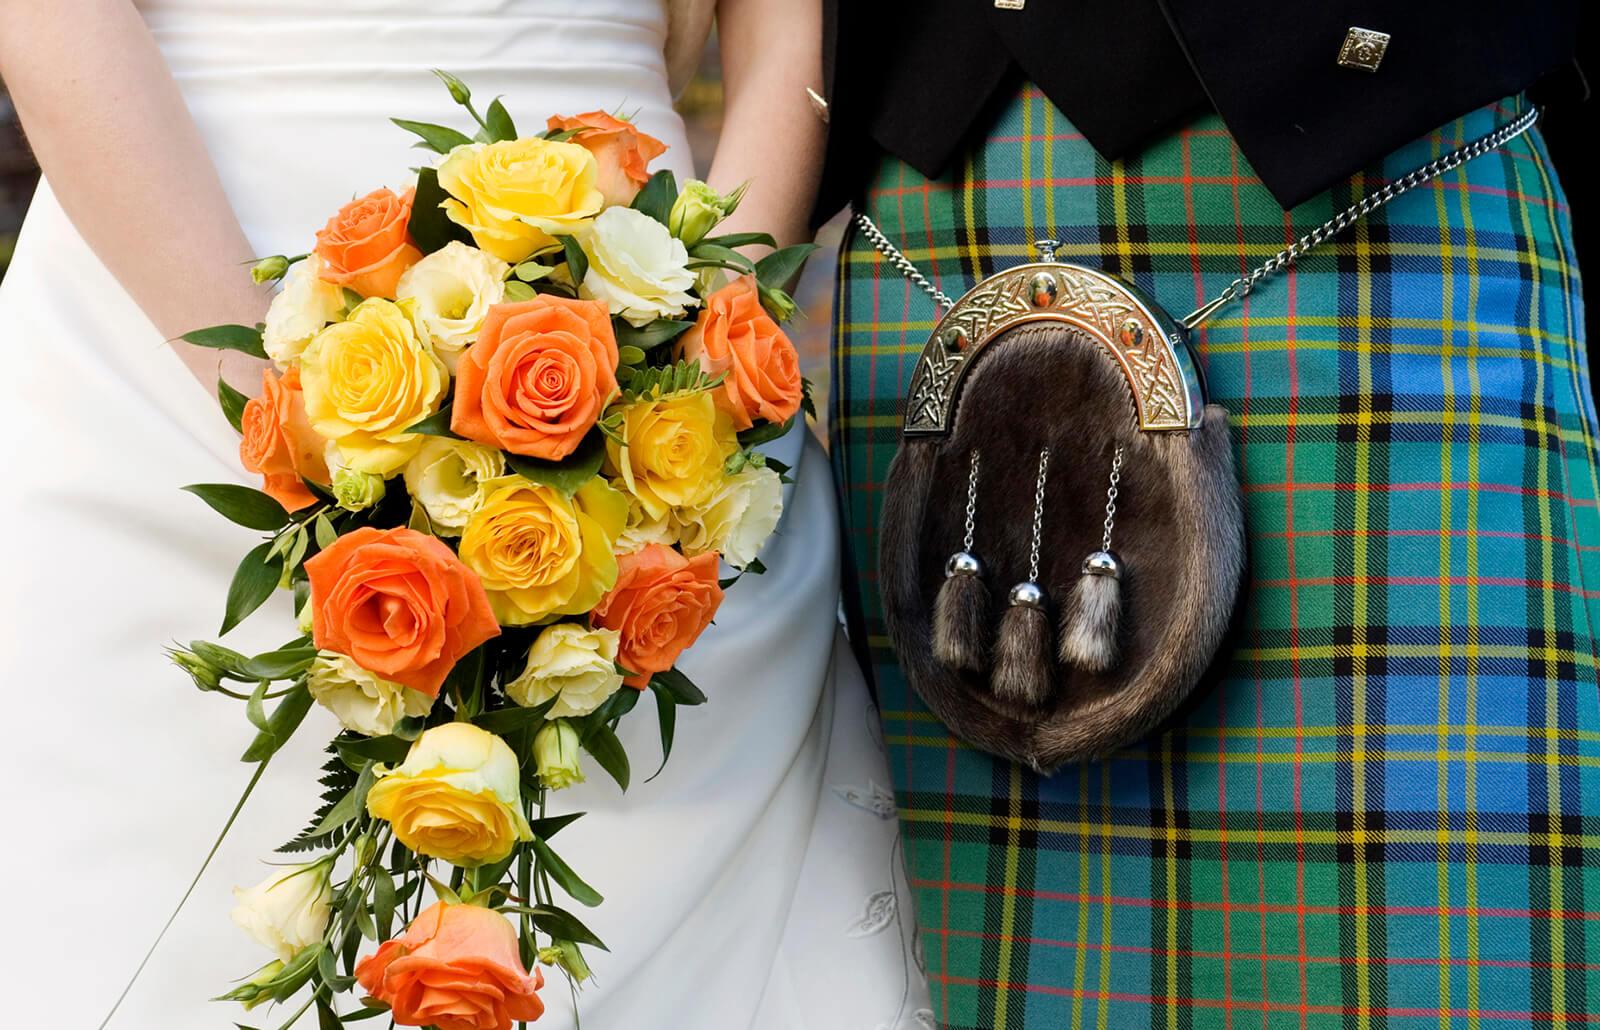 boda-escocesa-tradicional.jpg